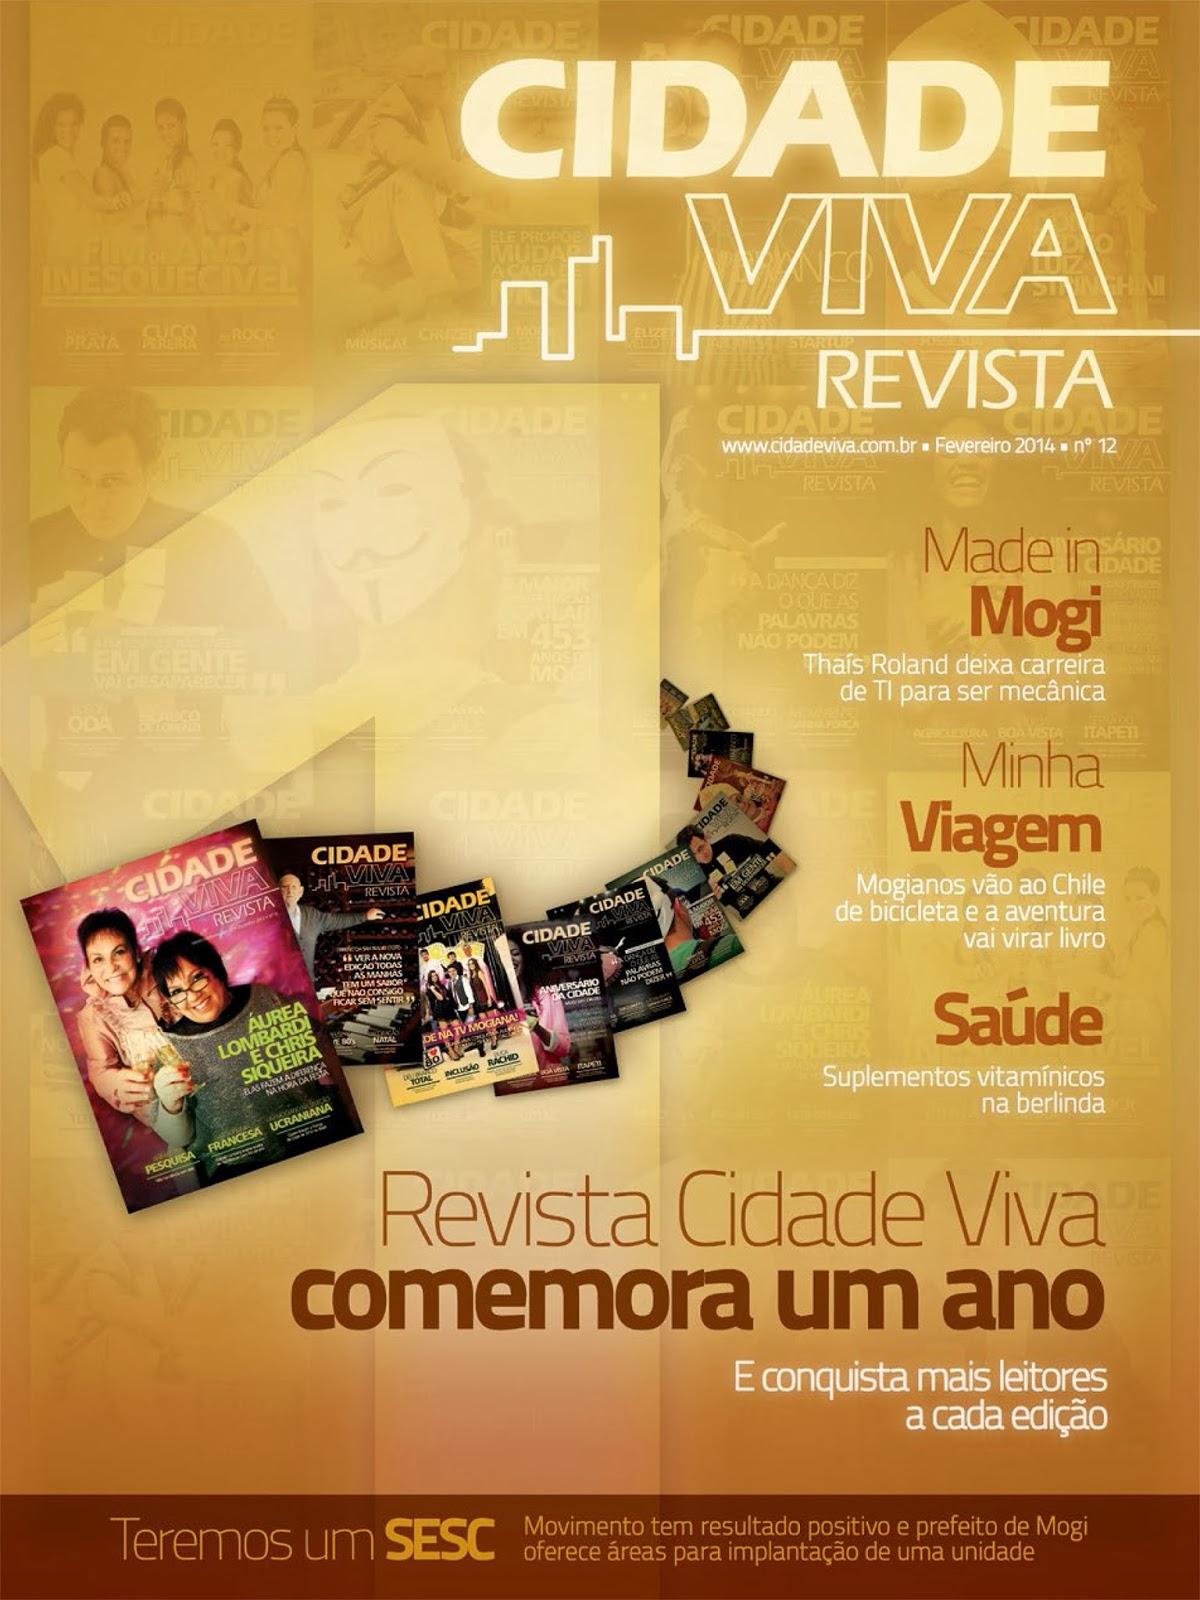 Revista Cidade Viva - edição de Fevereiro de 2014